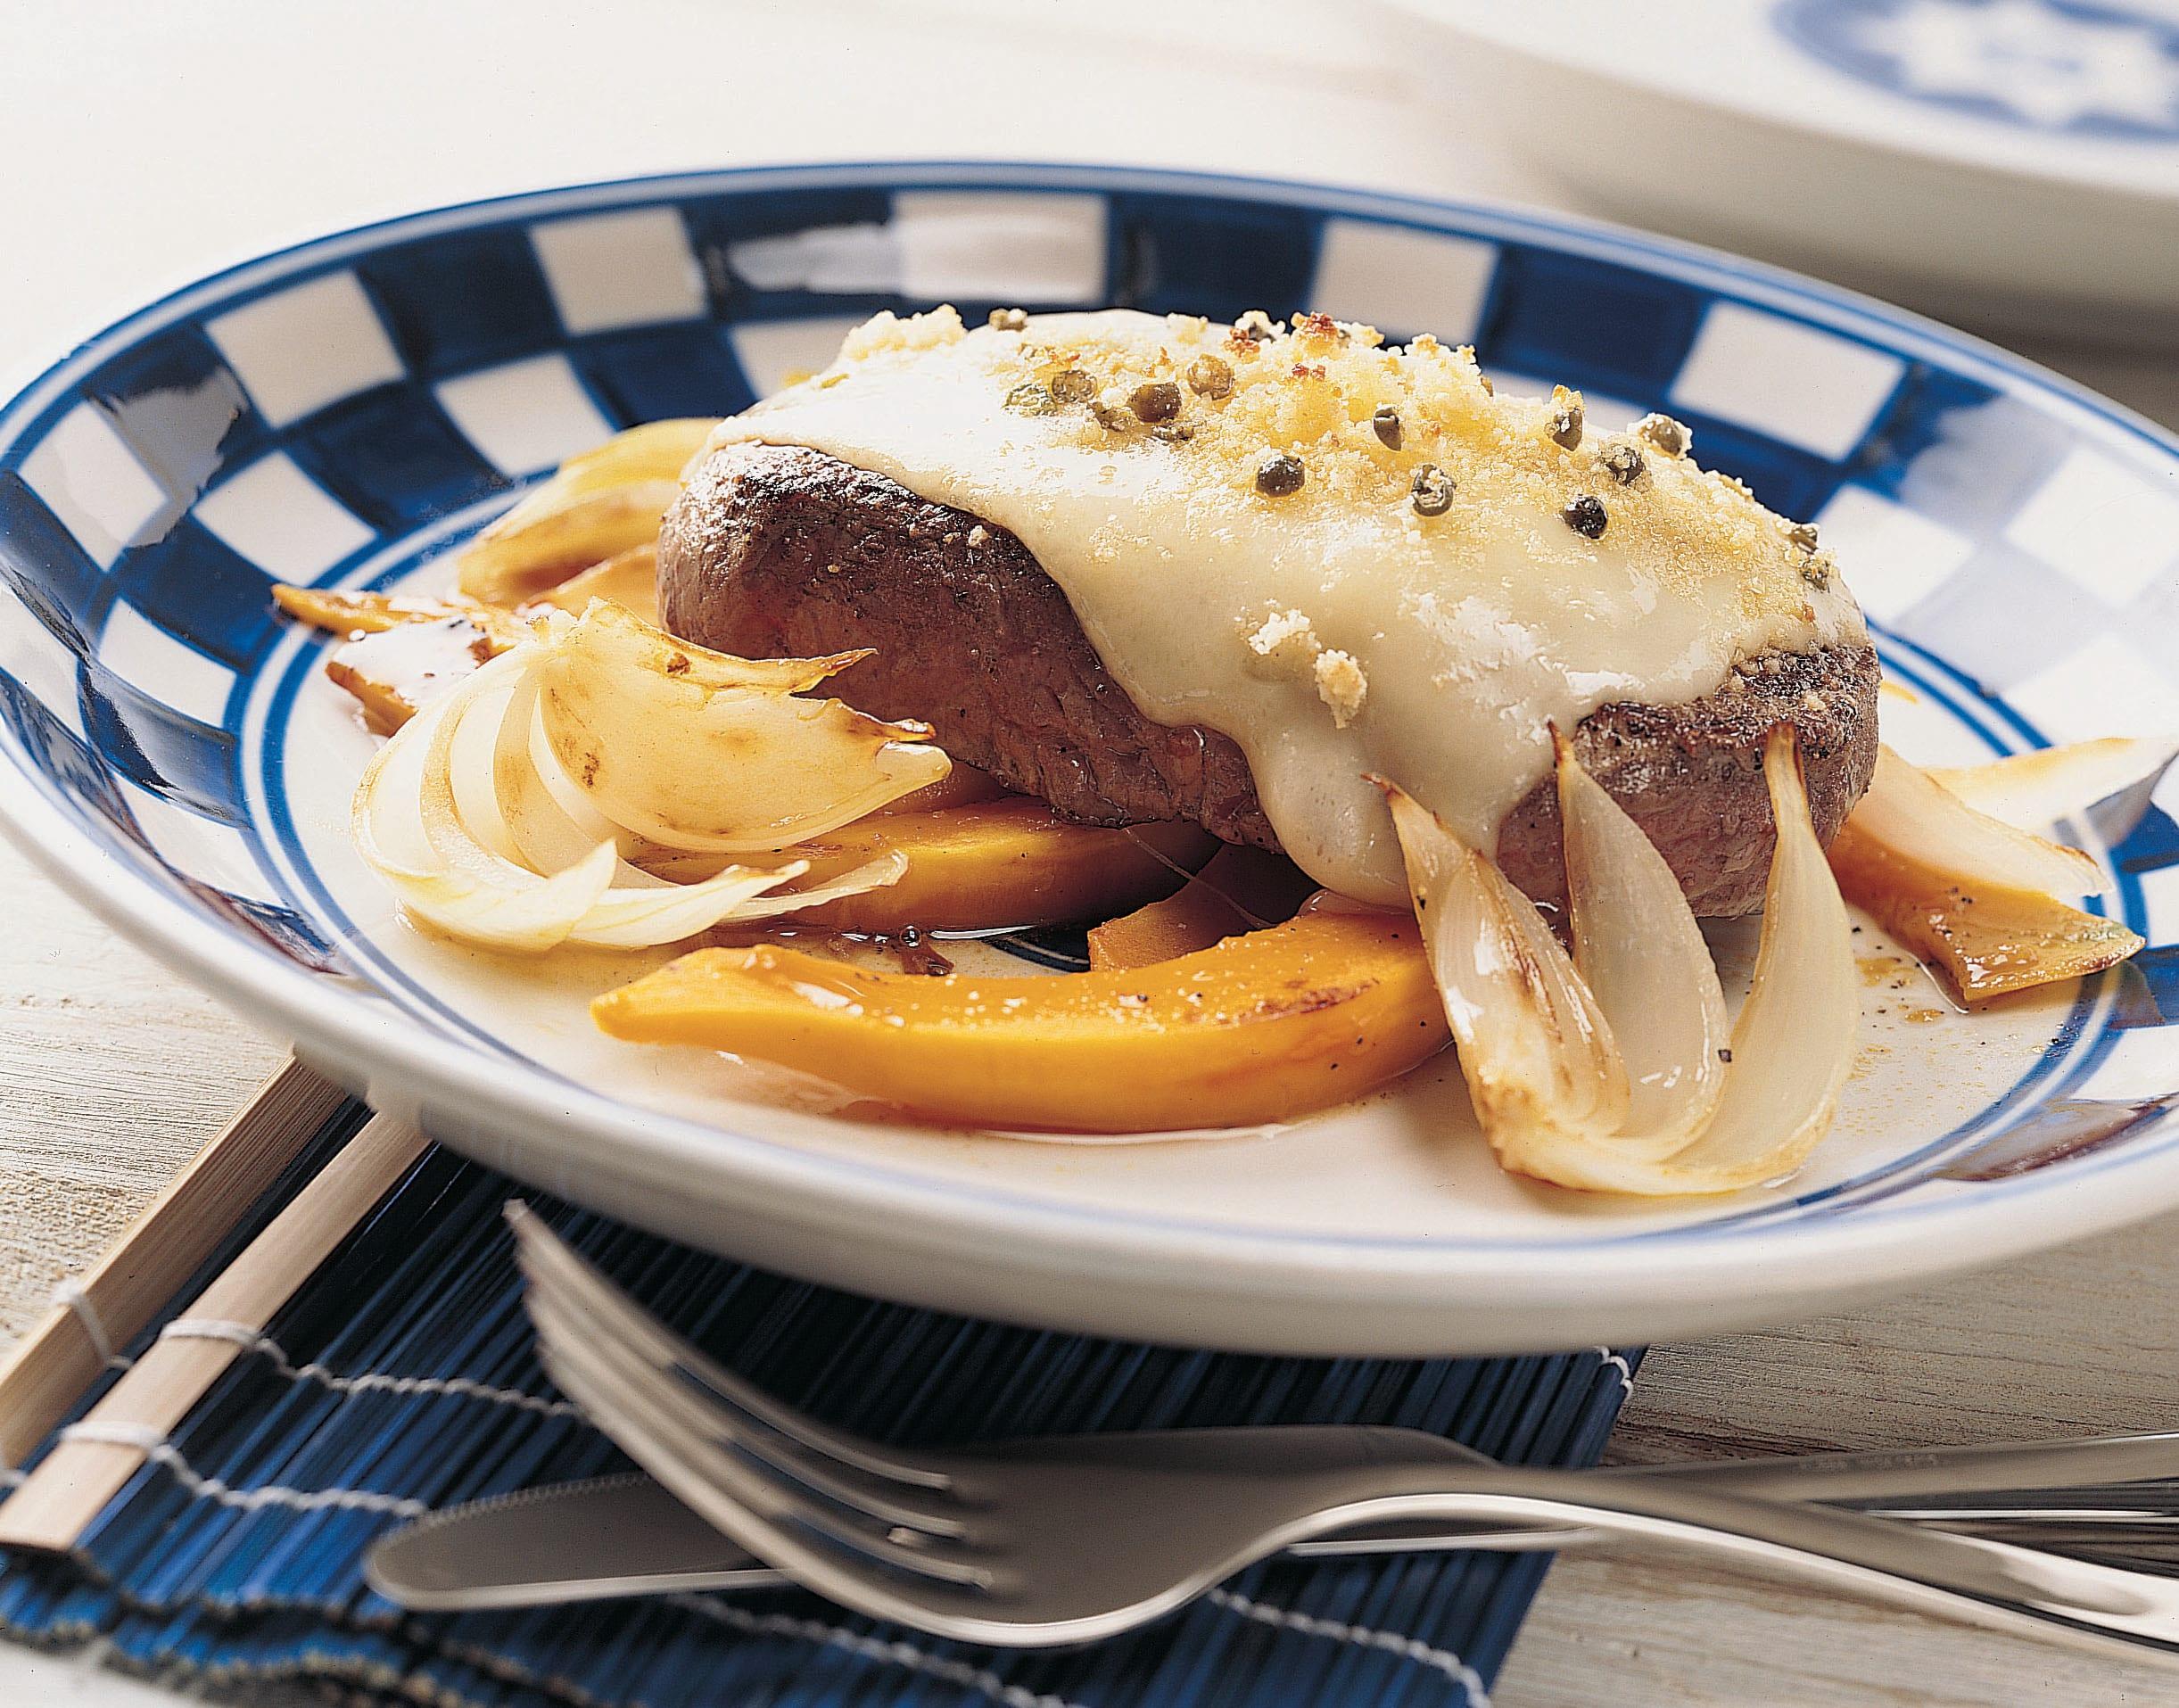 Entrecôtes au fromage et au poivre sur lit d'oignons et de courge